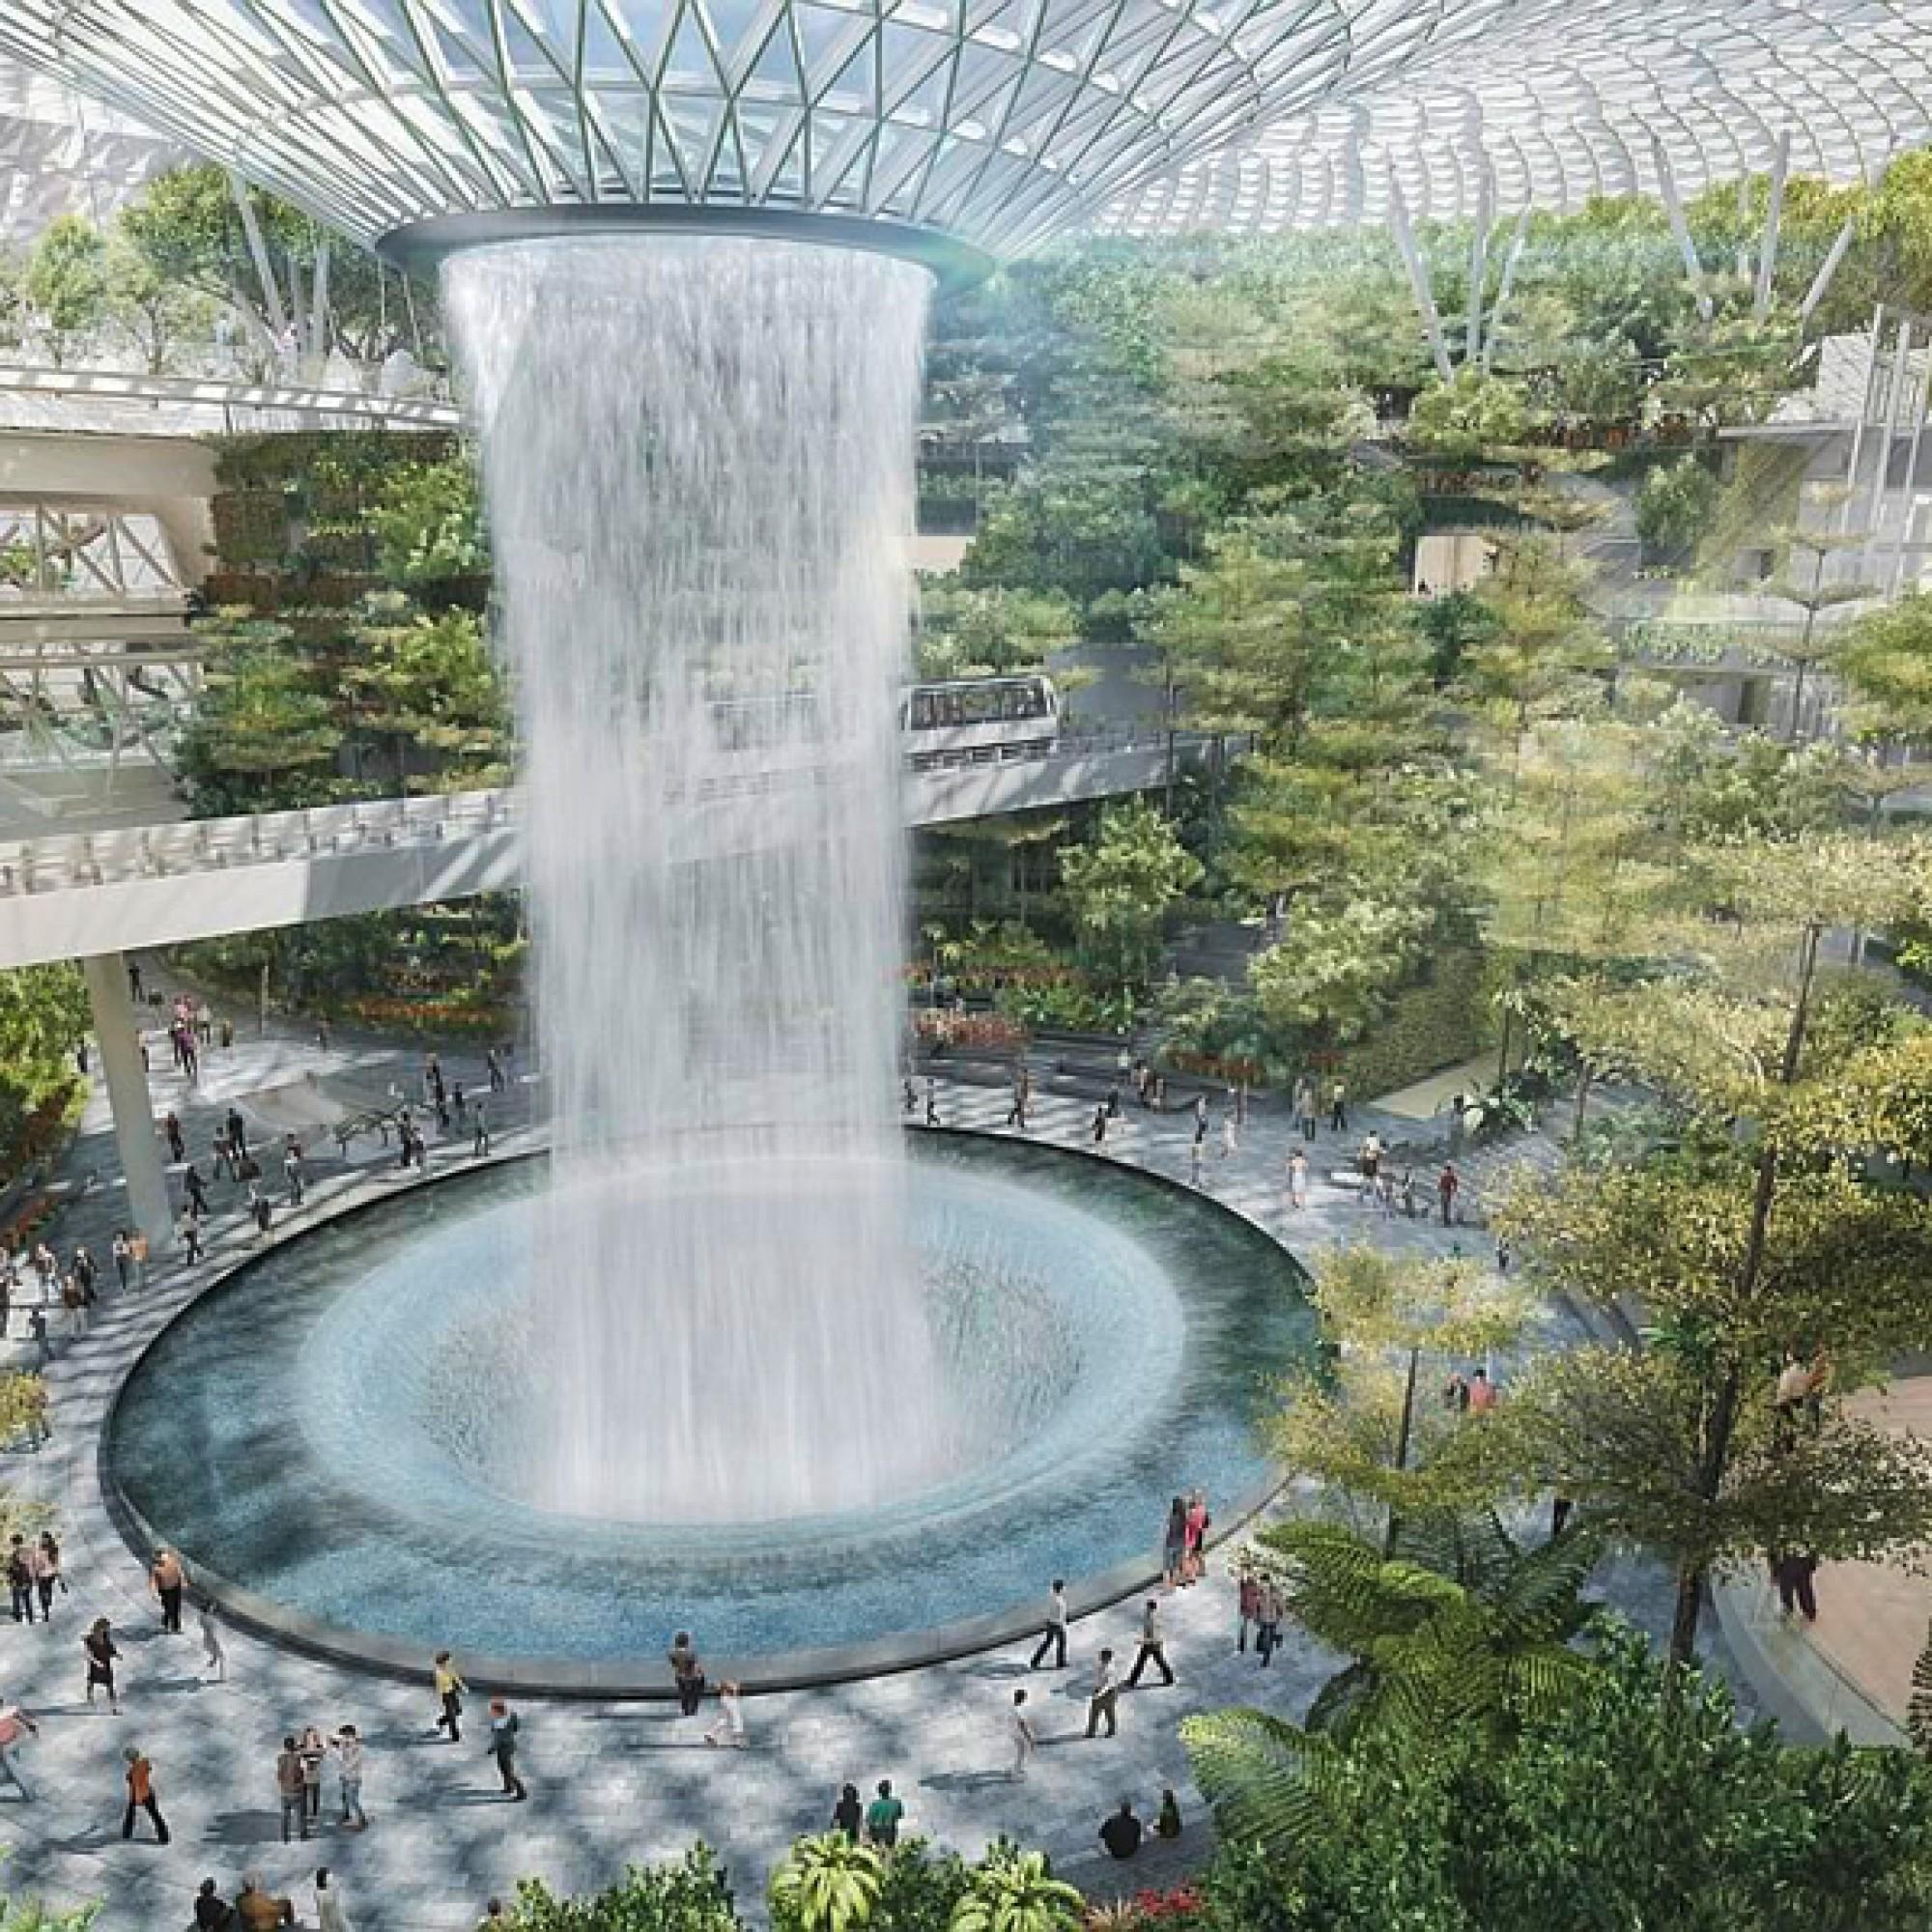 ...und ein Wasserfall, der mit Regenwasser gespeist wird, bilden das Herz der Erweiterung. (zvg)